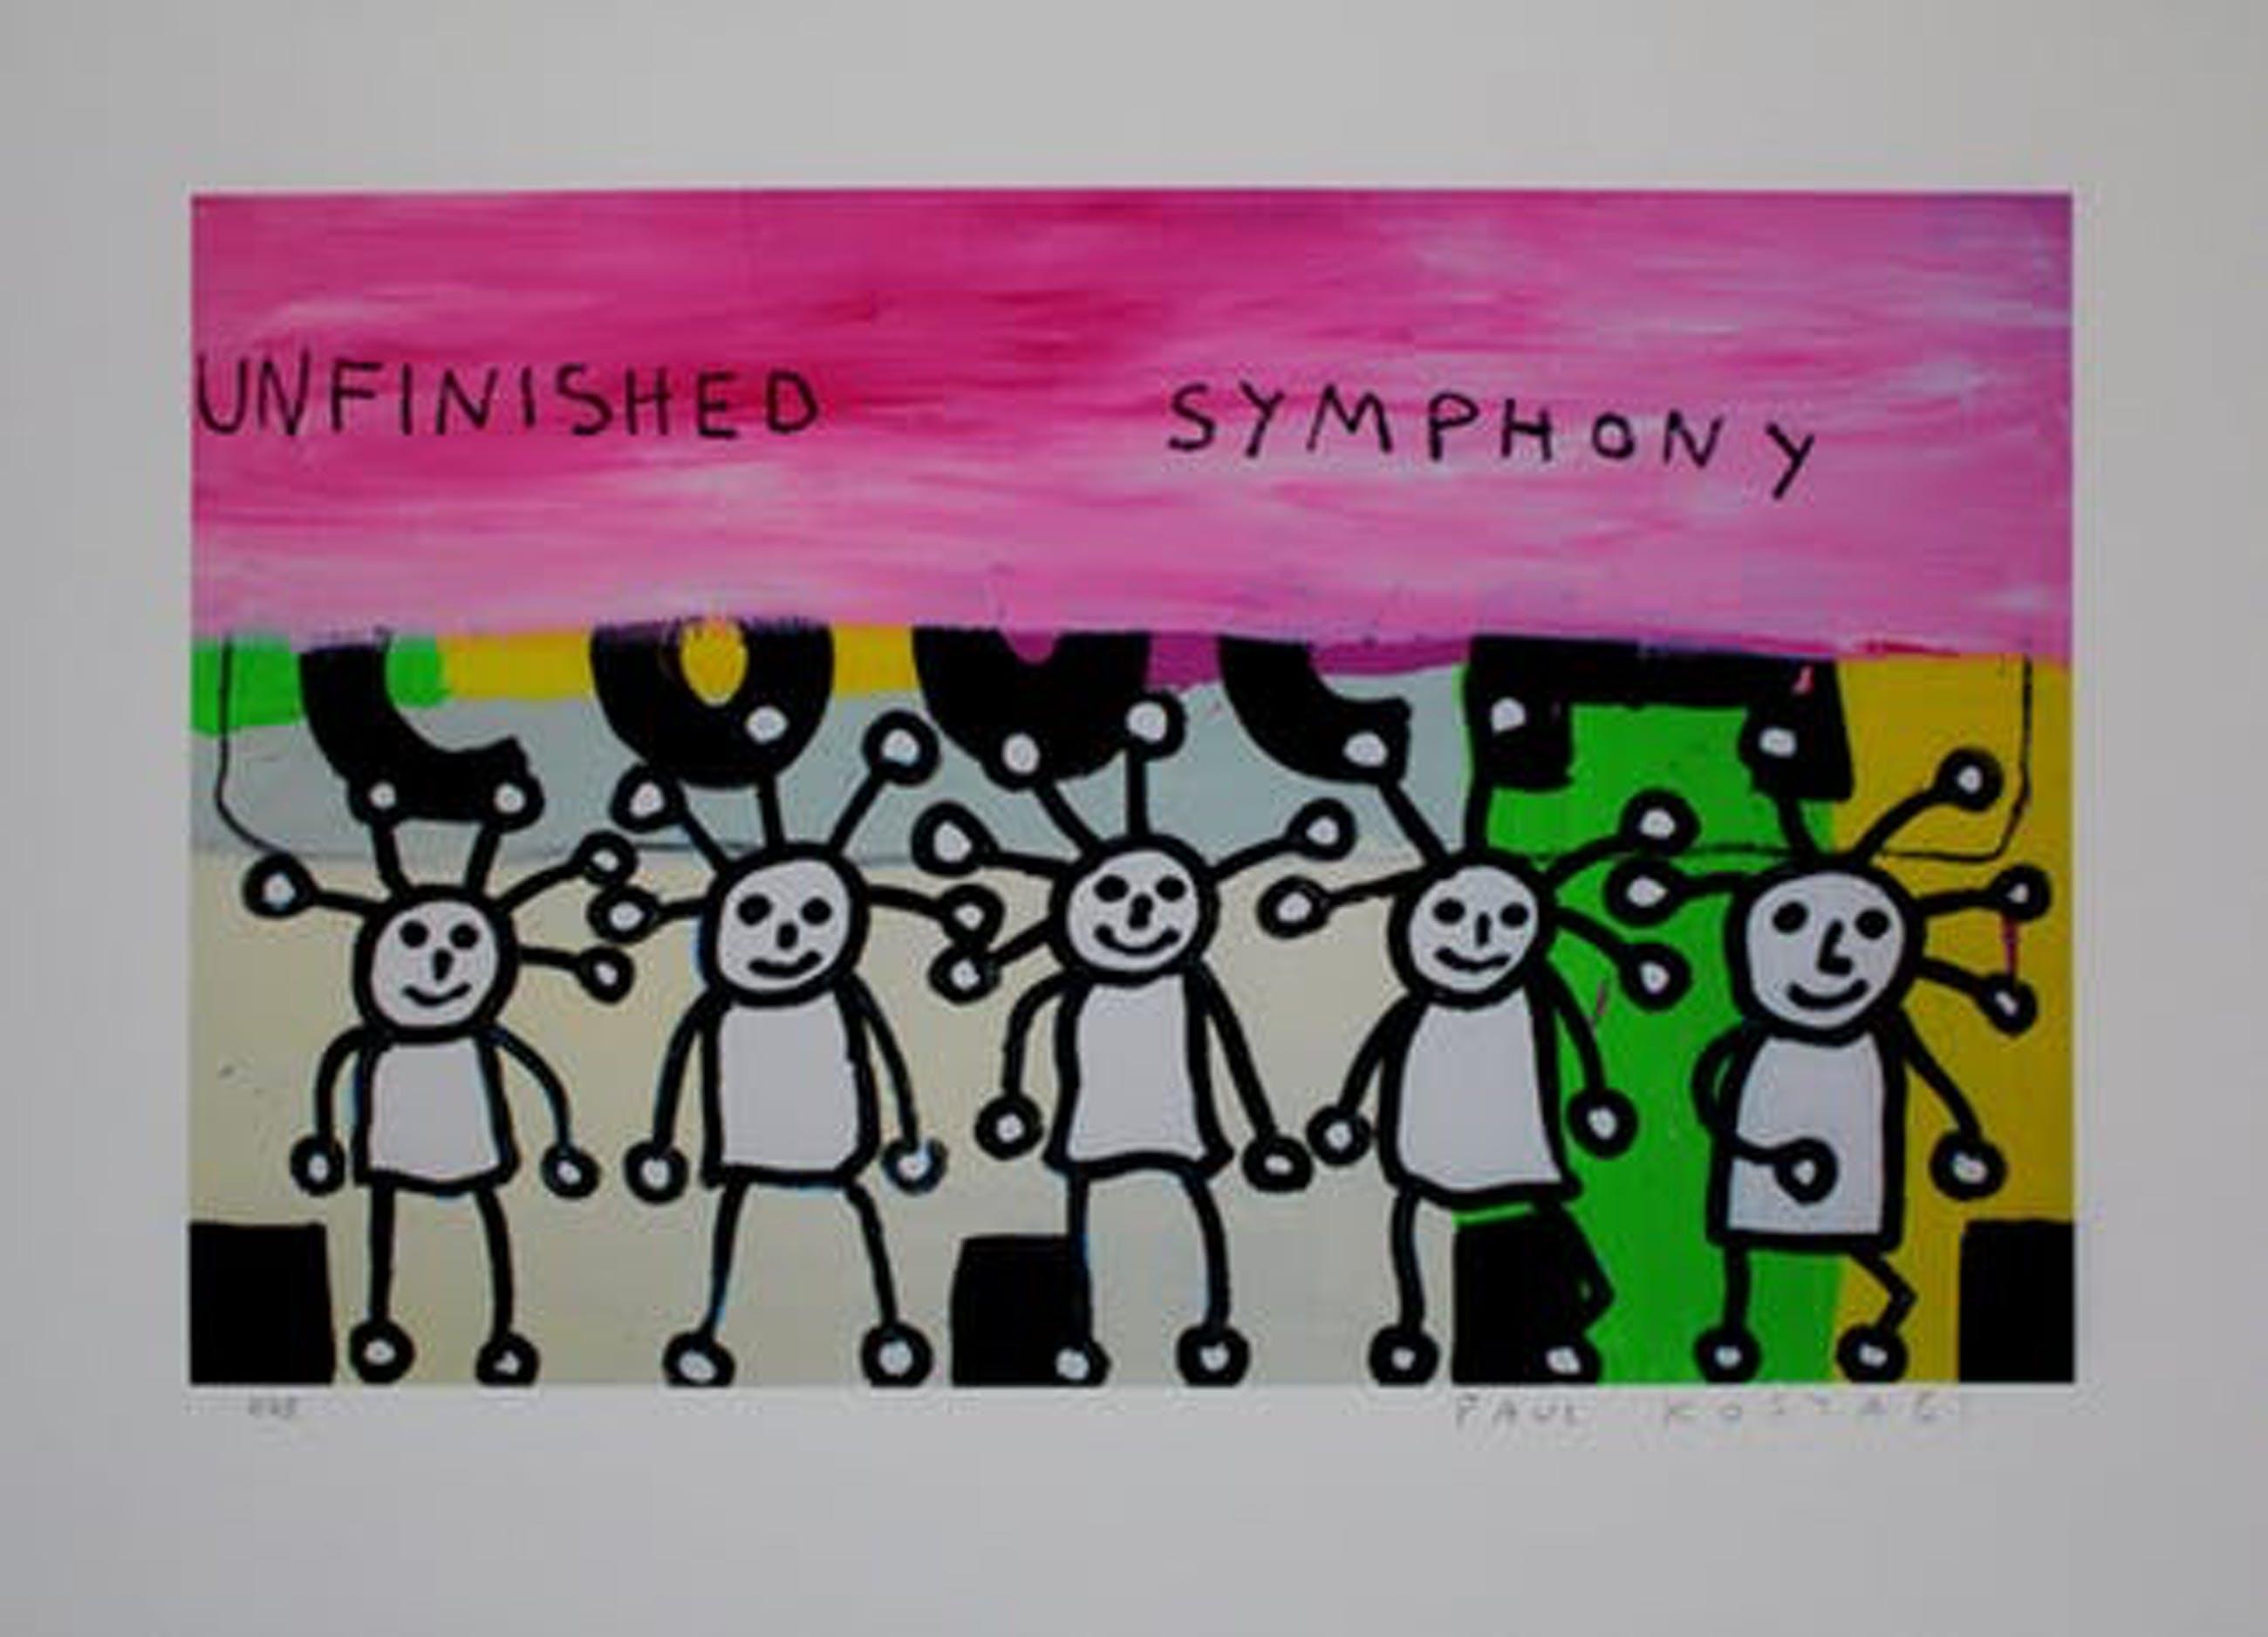 Paul Indrek Kostabi - Unfinished Symphony kopen? Bied vanaf 45!